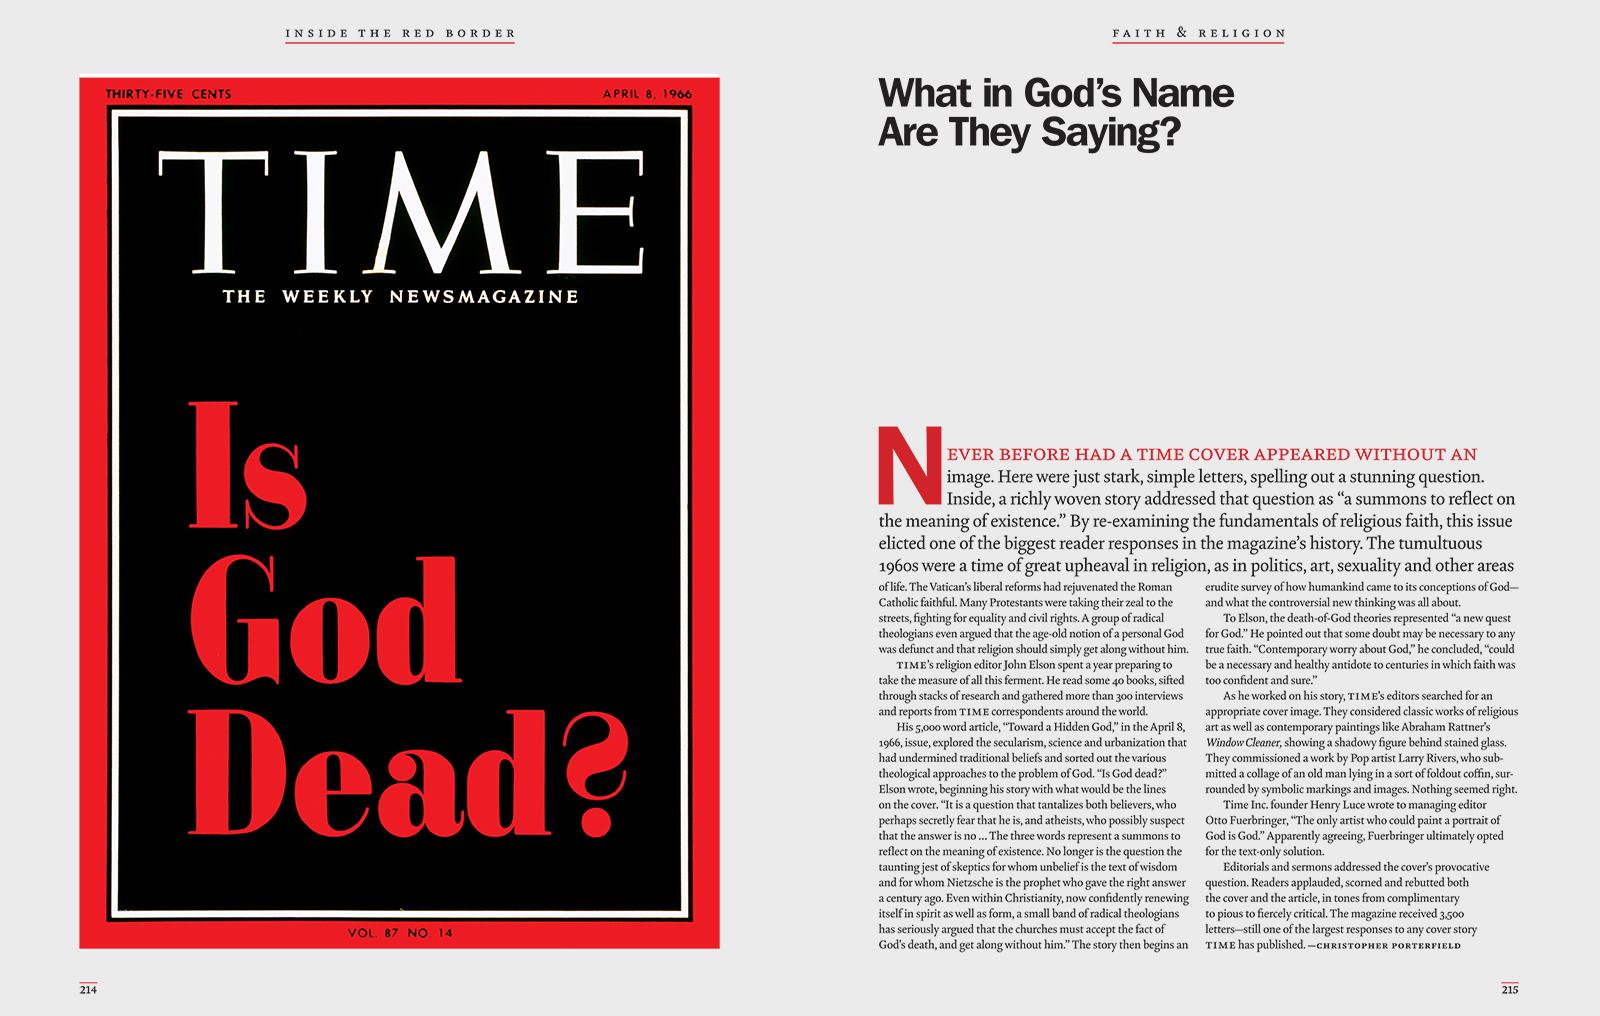 TIME_BK_INSIDE-THE-RED-BORDER_faith_spr3.jpg